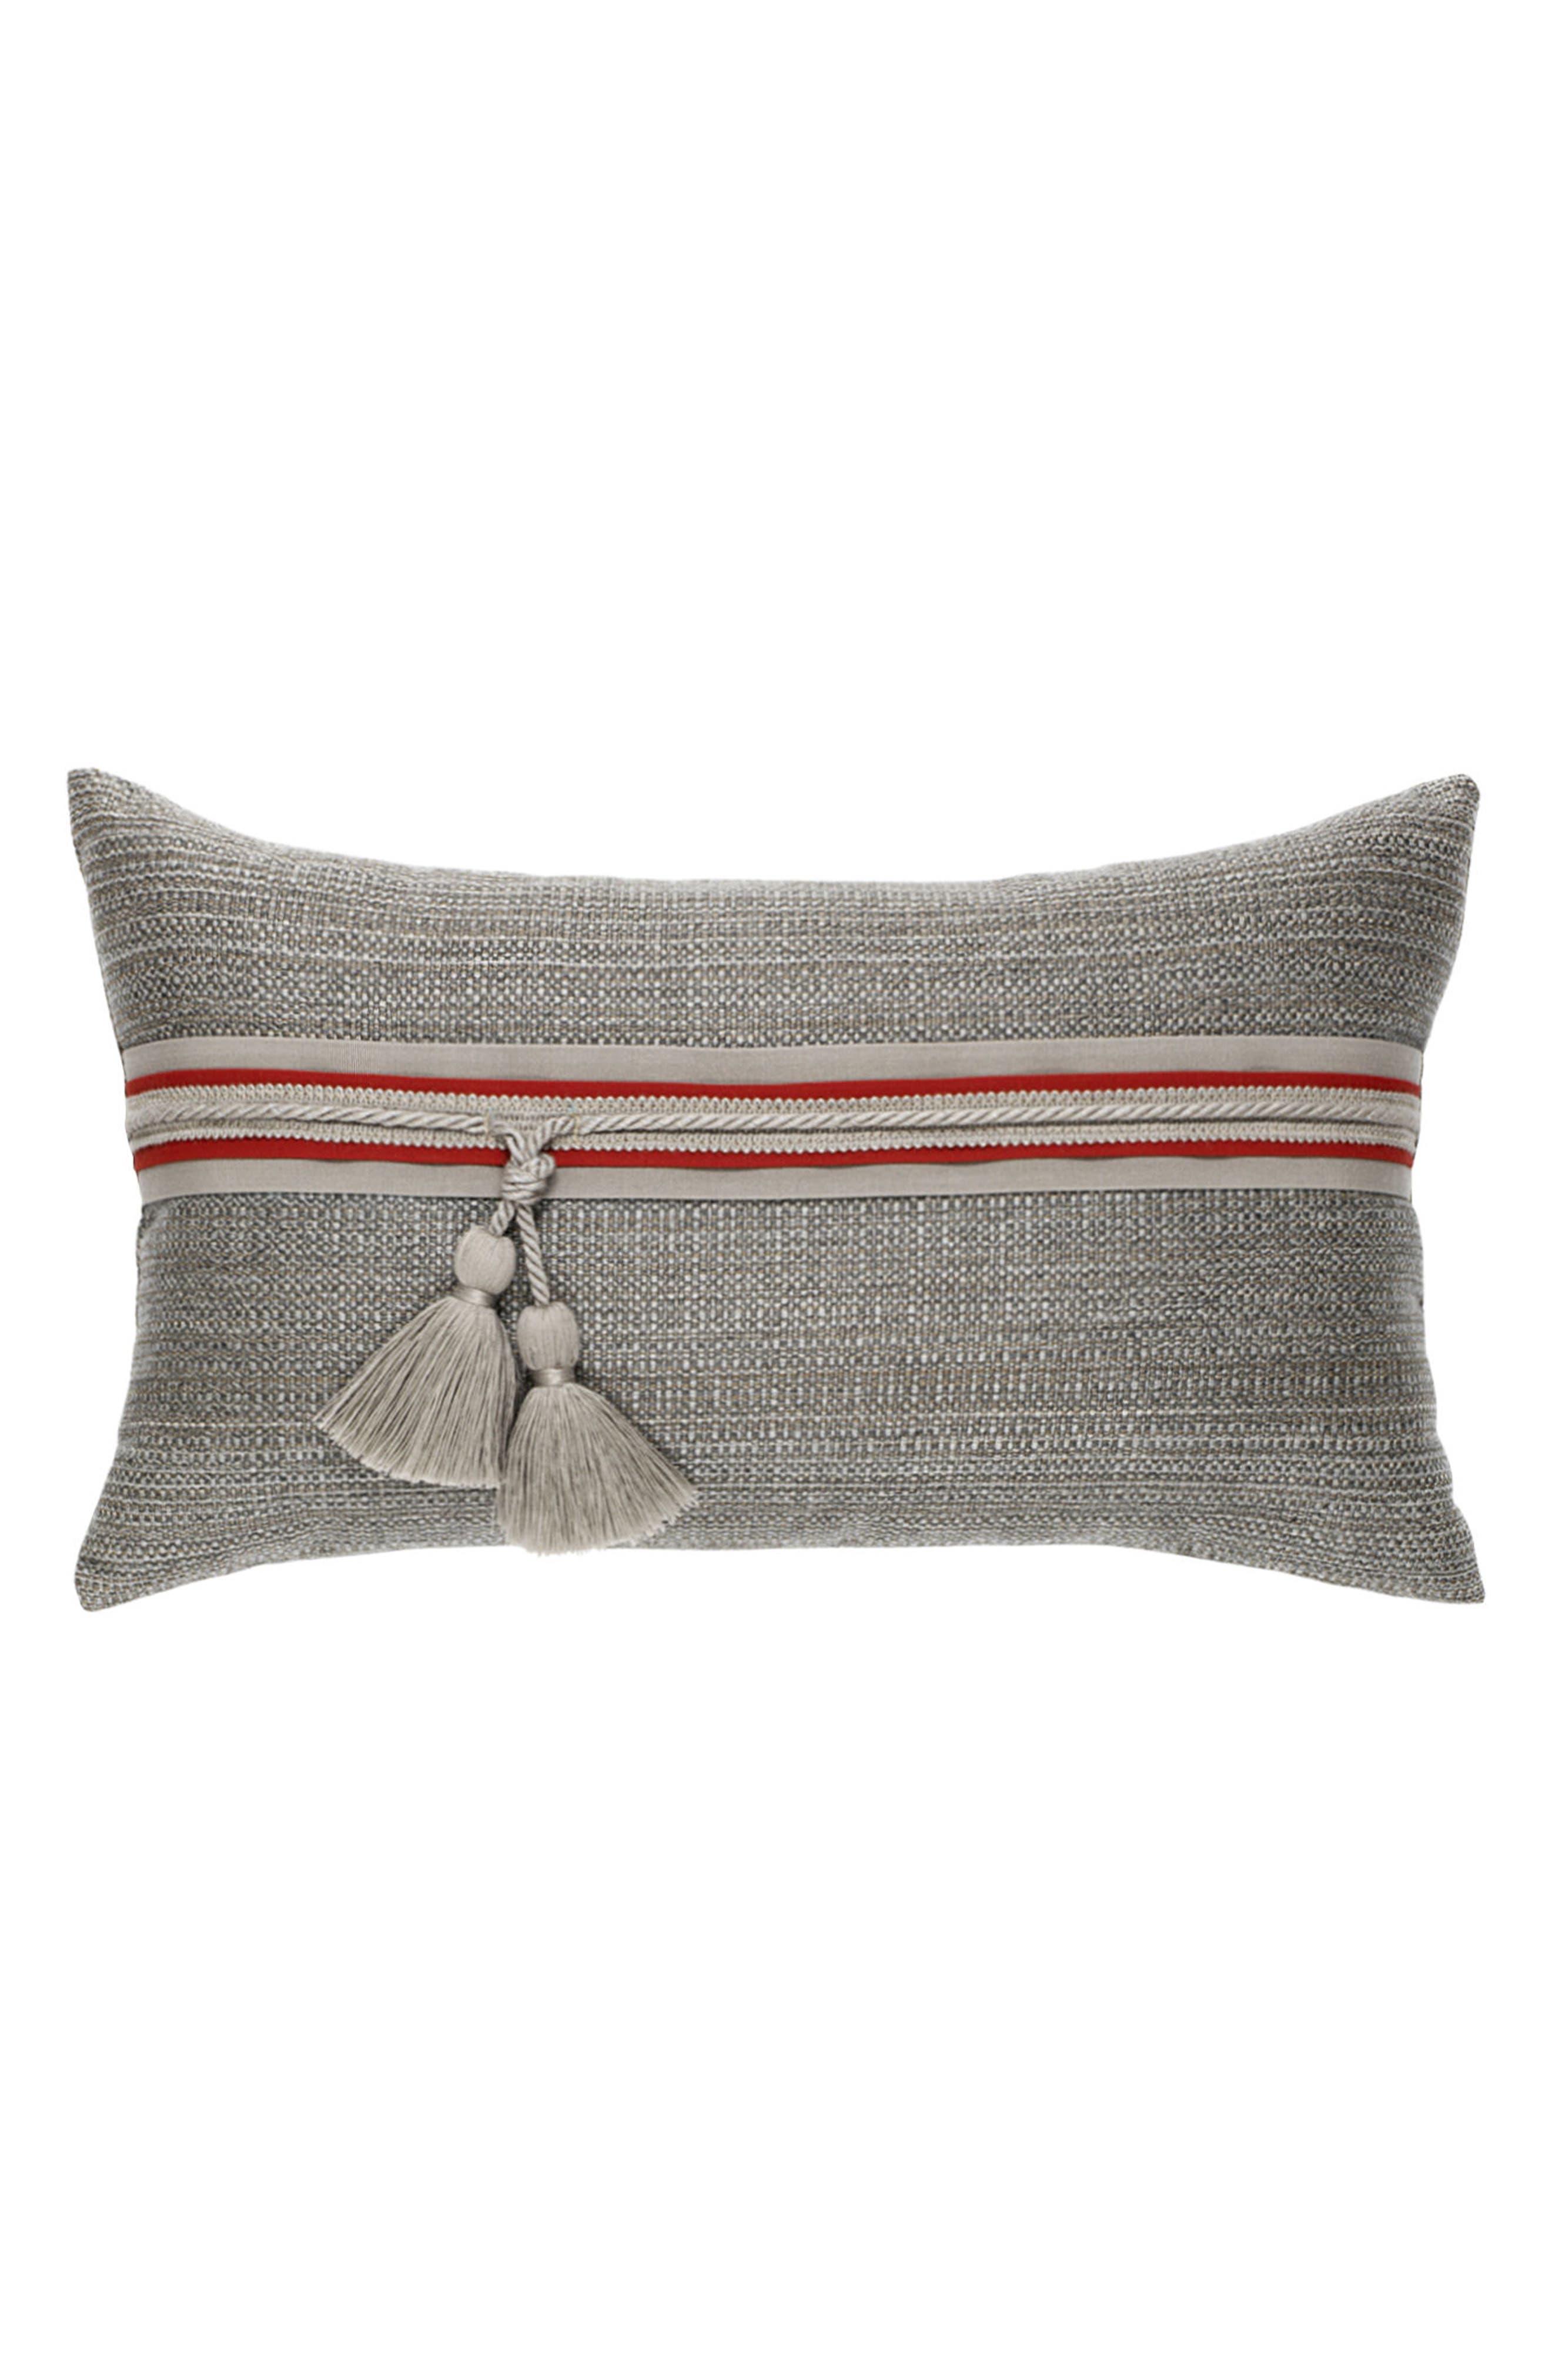 Elaine Smith Textured Smoke Lumbar Pillow